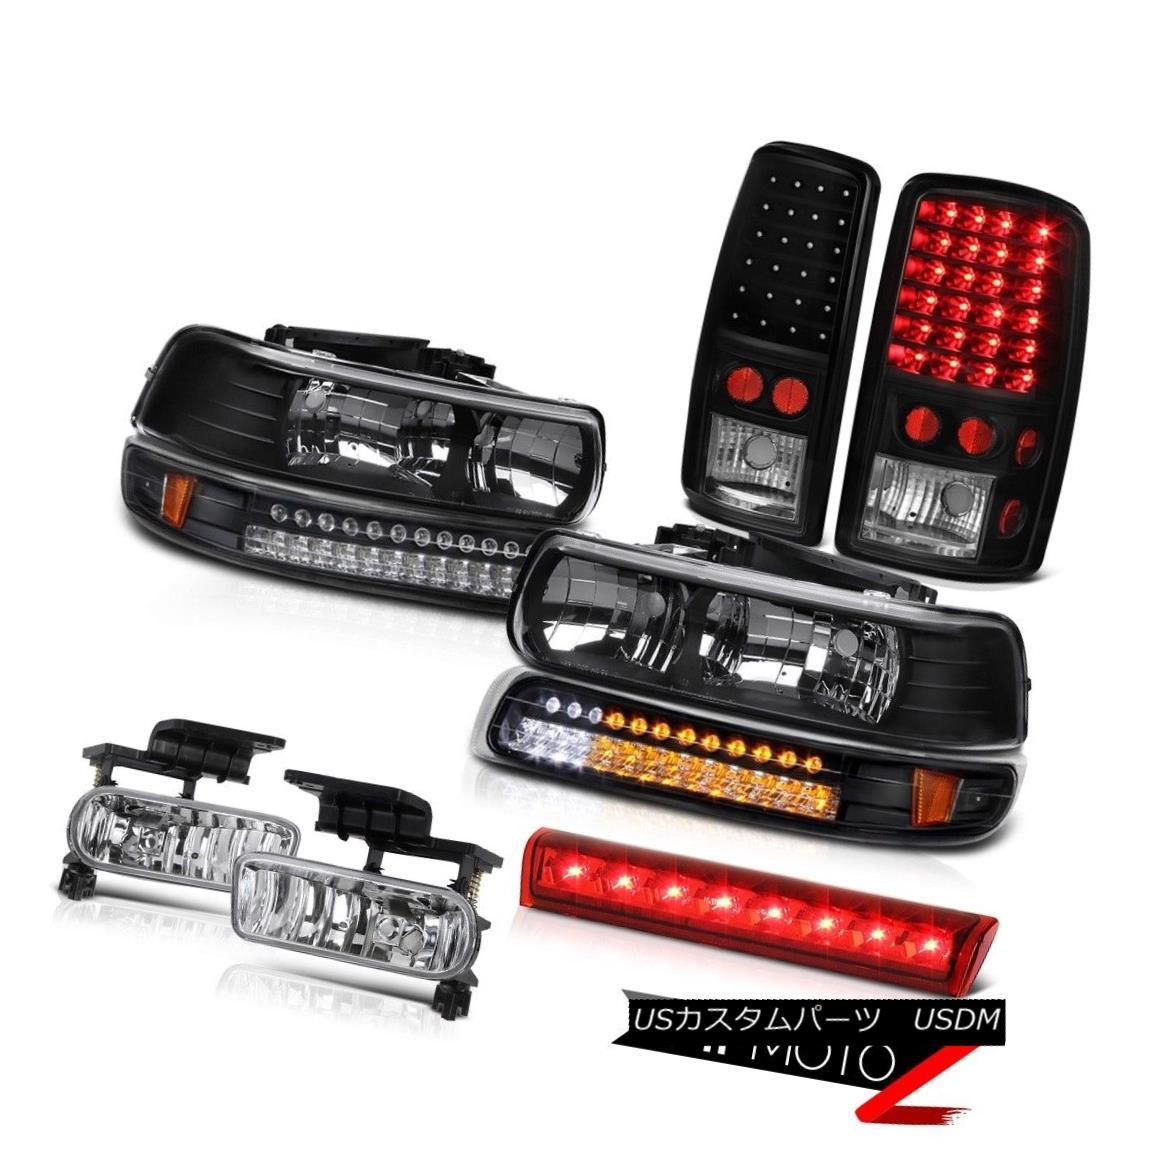 テールライト 00-06 Chevy Suburban Z71 Roof cargo light foglamps taillights bumper Headlamps 00-06シボレー郊外Z71ルーフカーゴライトフォグランプテールライトバンパーヘッドランプ